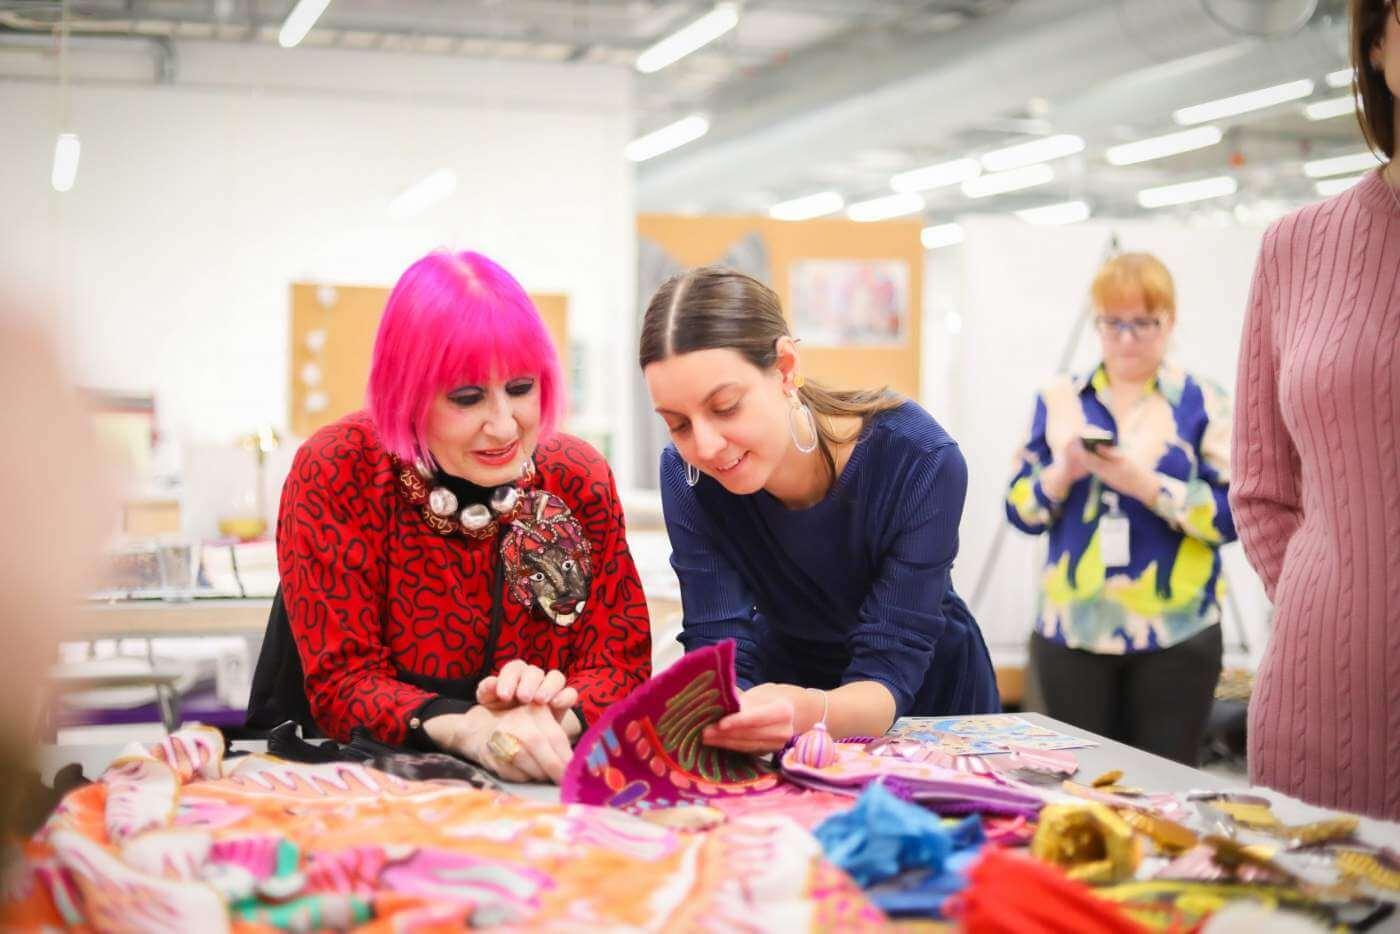 KARISMATISK, la colaboración de Zandra Rhodes con IKEA